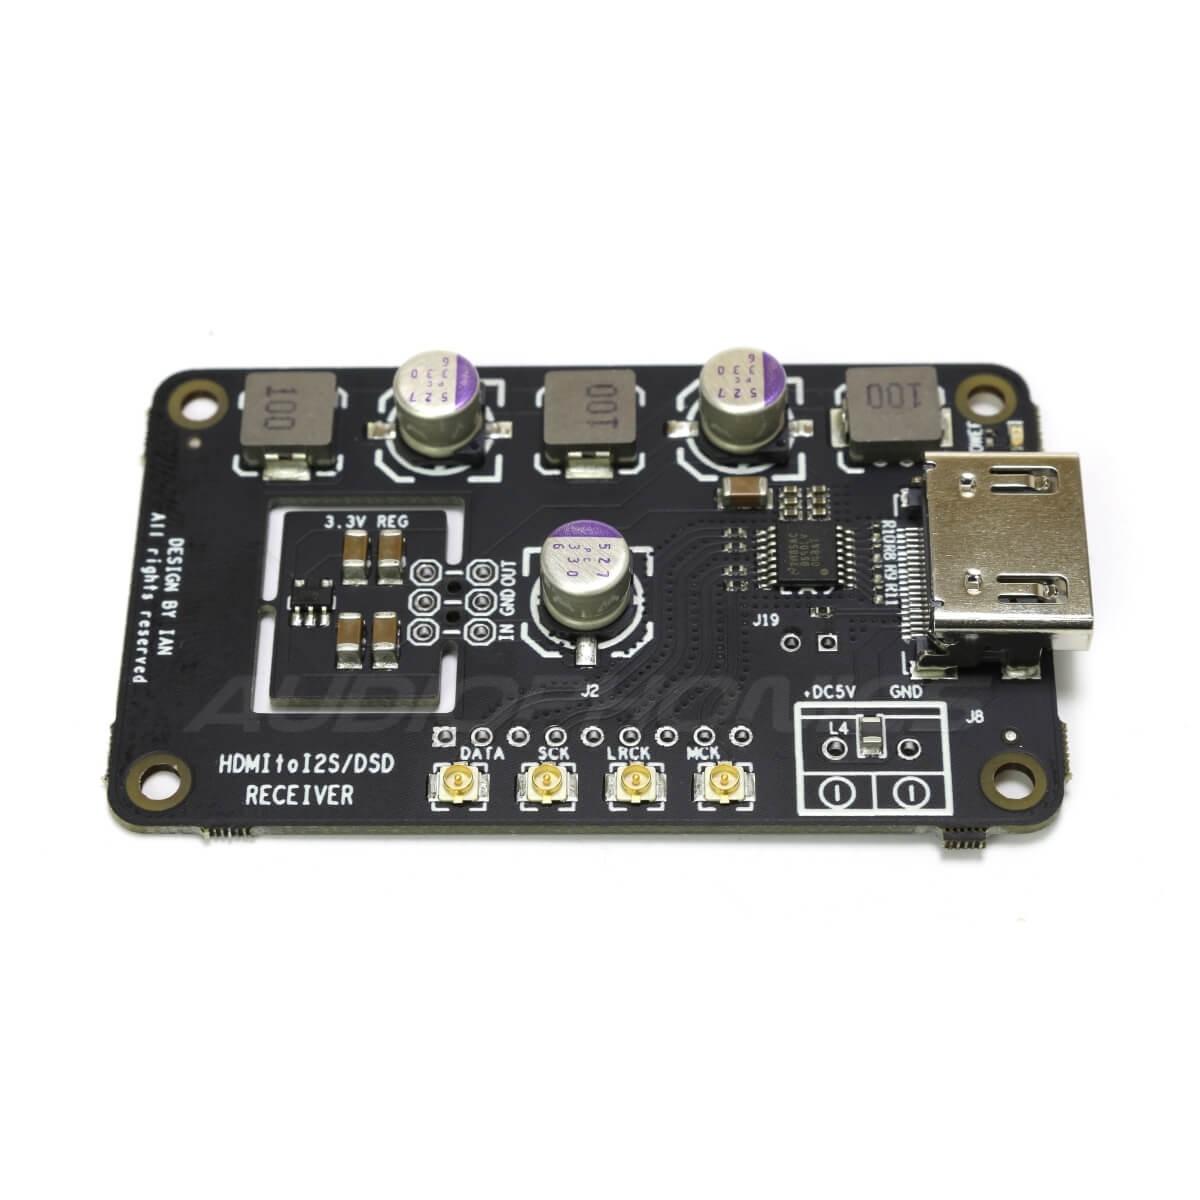 IAN CANADA HDMIpi Receiver HDMI to I2S / DSD / DoP